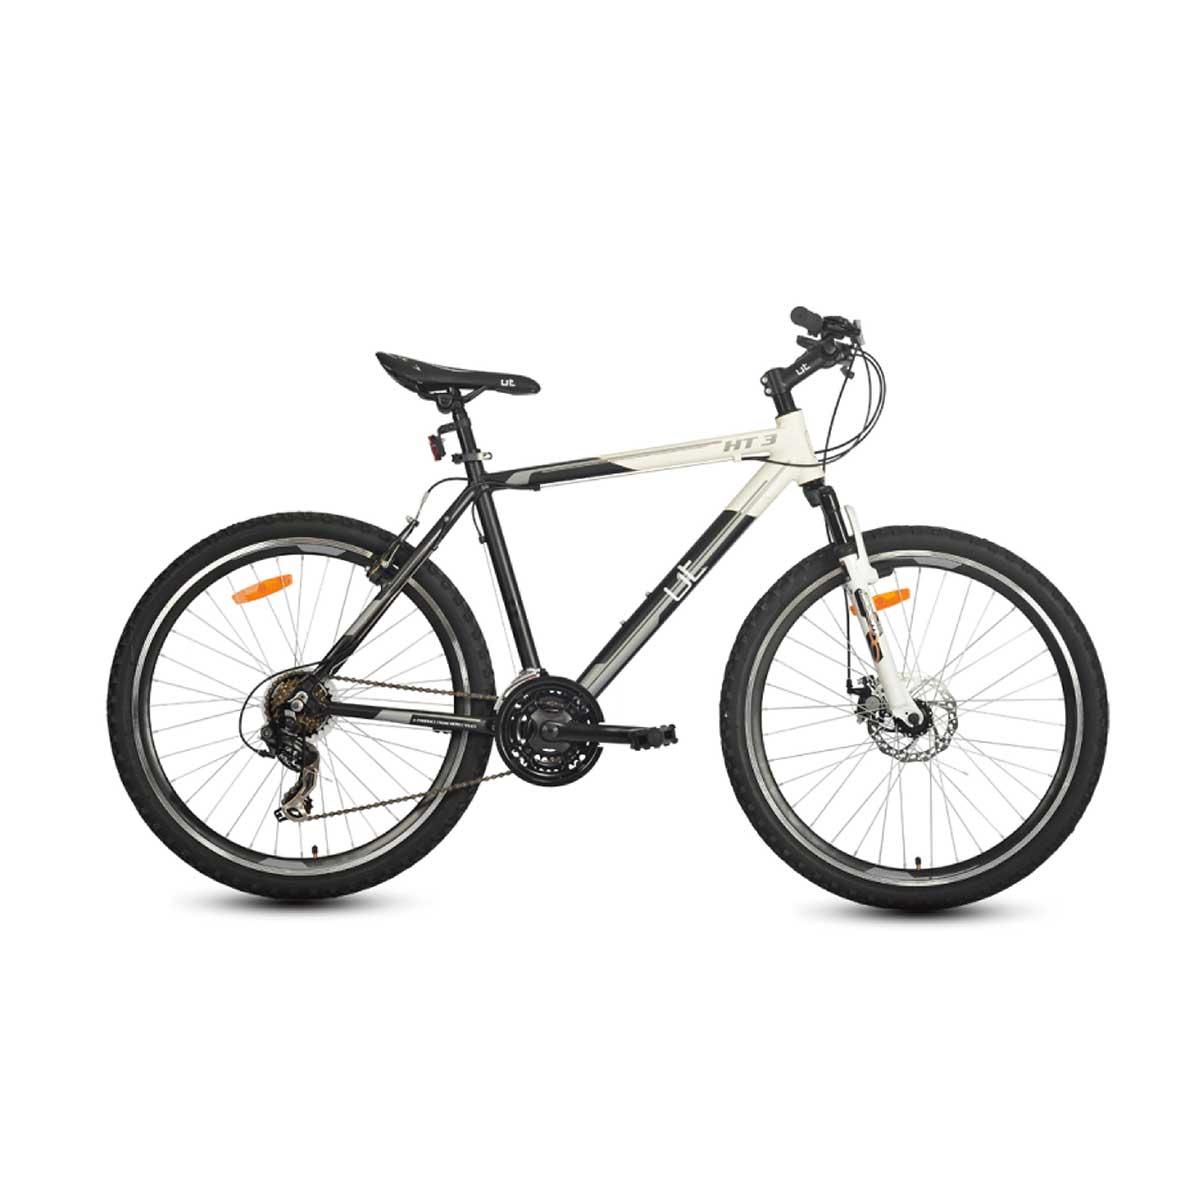 Buy Ut Ht3 Hardtail Bike Online India Ut Bikes